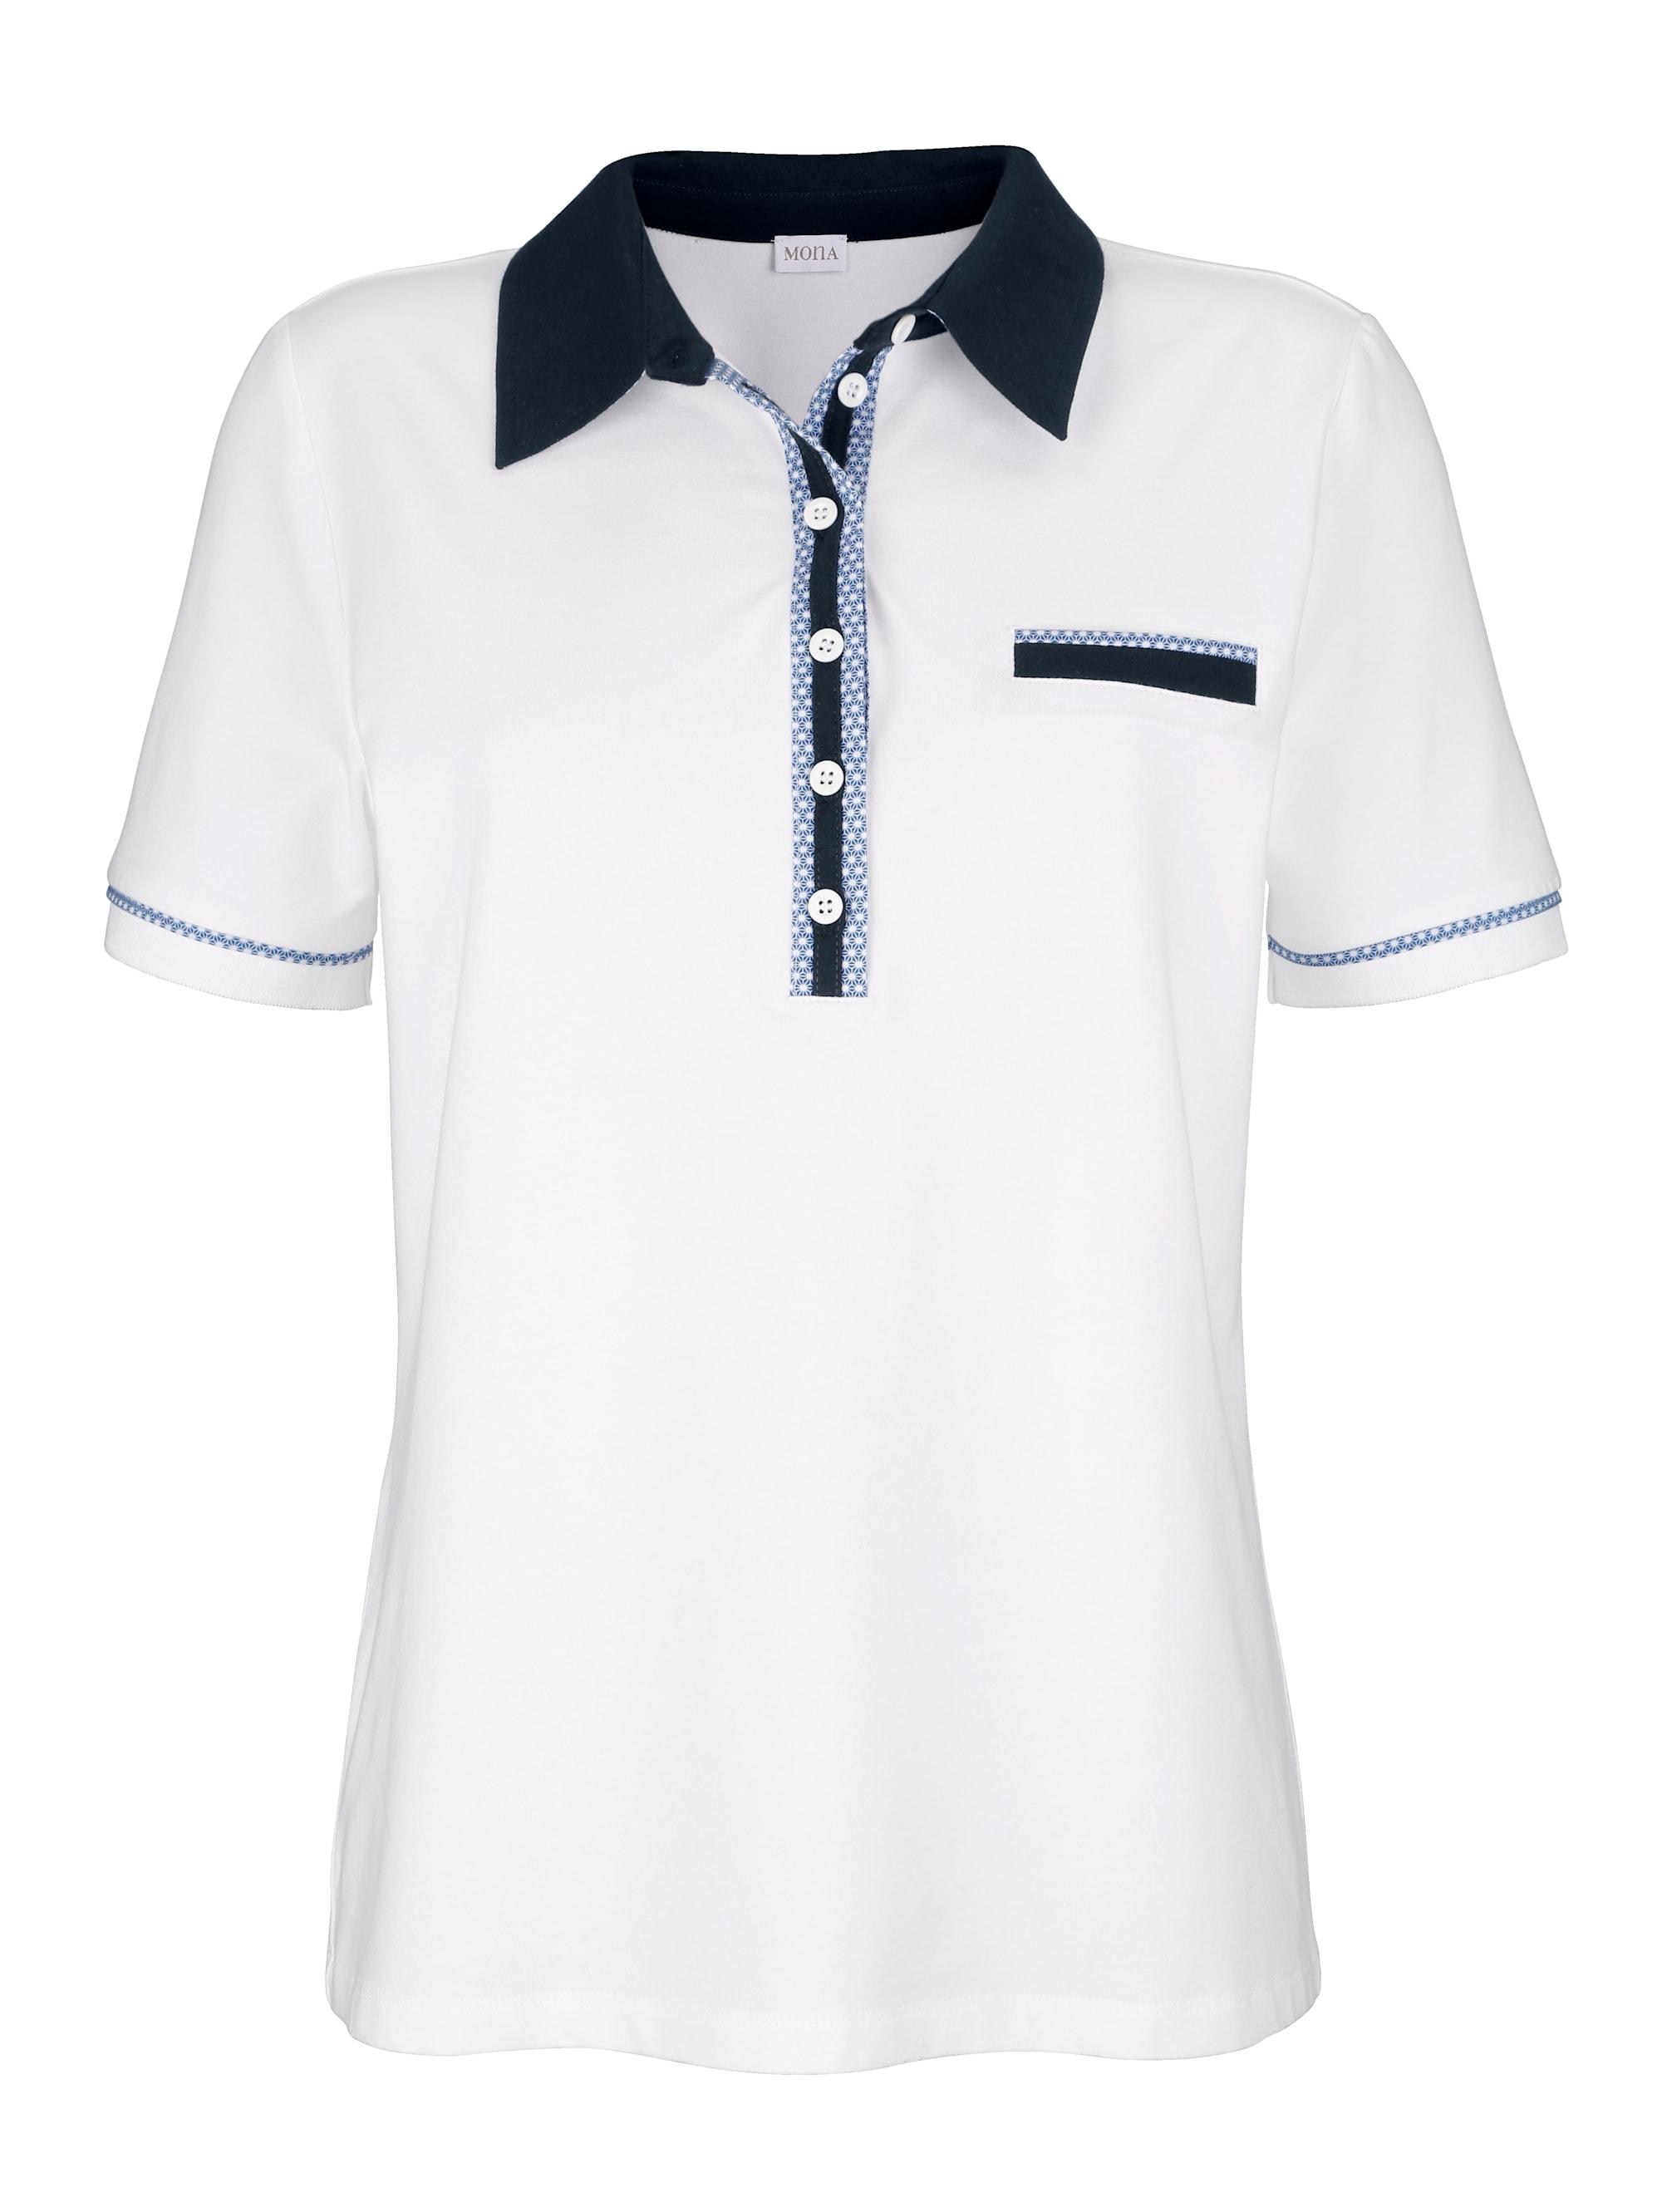 mona -  Poloshirt, mit dekorativer Polo-Knopfleiste